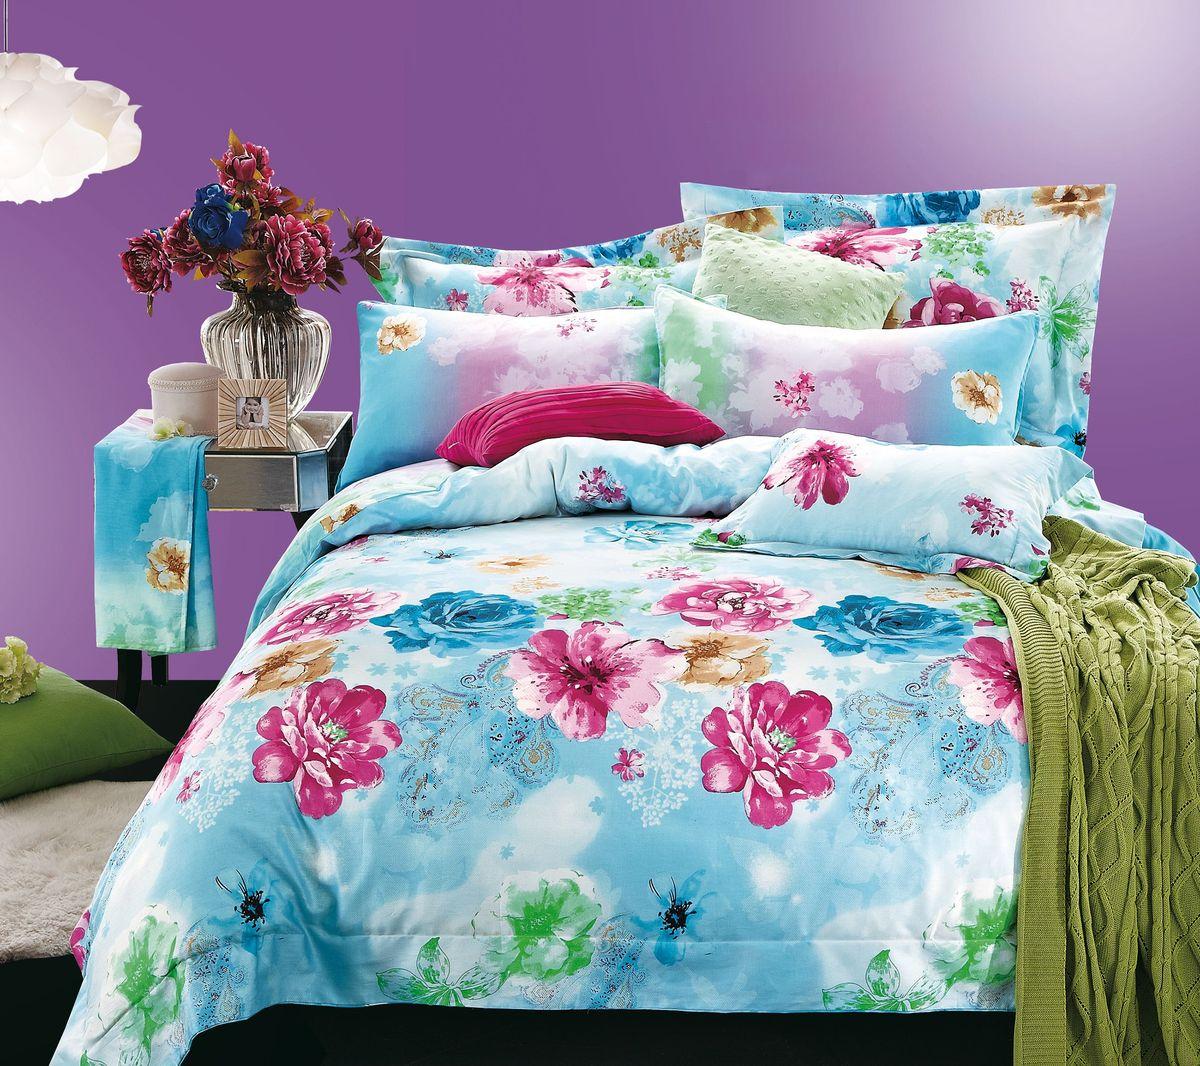 Комплект белья Коллекция Цветы, 2,5-спальный, наволочки 50x70. СЛ2,5/50/ОЗ/цвСЛ2,5/50/ОЗ/цвКомплект постельного белья Коллекция Цветы является экологически безопасным для всей семьи, так как выполнен из высококачественного сатина (100% хлопка). Комплект состоит из пододеяльника, простыни и двух наволочек. Сатин - производится из высших сортов хлопка, а своим блеском и легкостью напоминает шелк. Постельное белье из сатина превращает жаркие летние ночи в прохладные и освежающие, а холодные зимние - в теплые и согревающие.Советы по выбору постельного белья от блогера Ирины Соковых. Статья OZON Гид